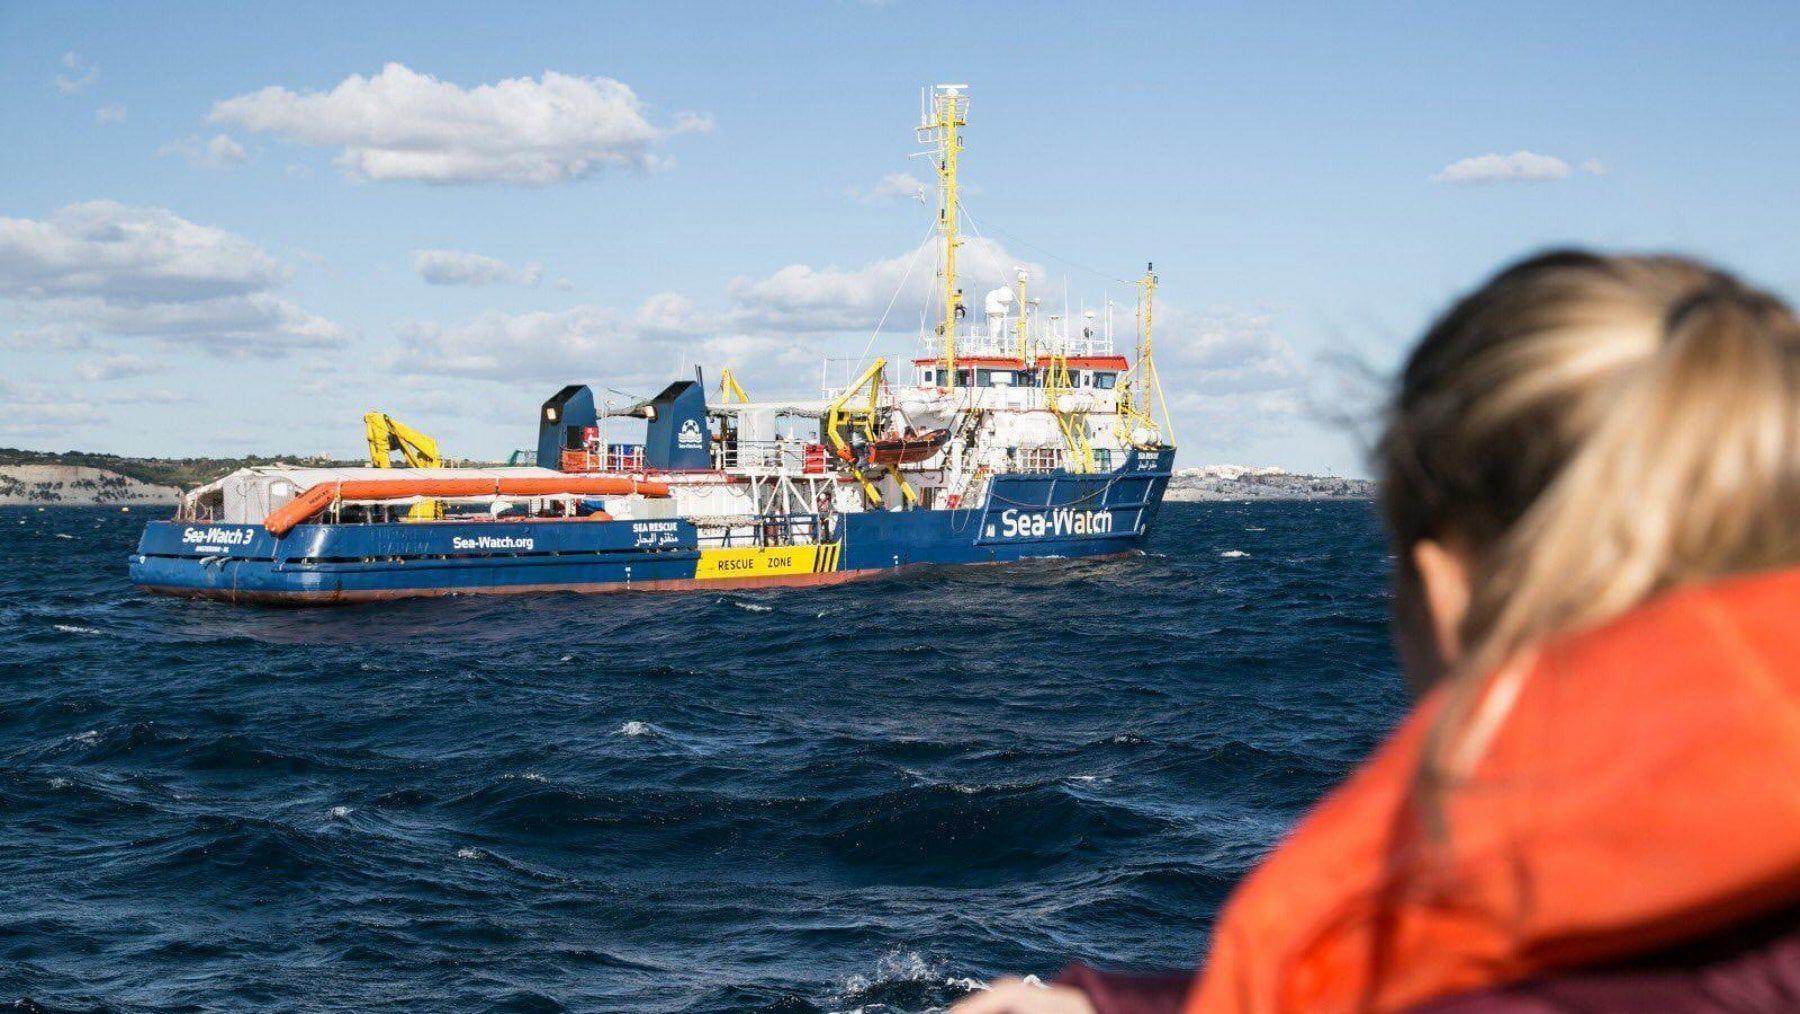 Navi ONG a Malta, esultanza a bordo tra i migranti. IL VIDEO